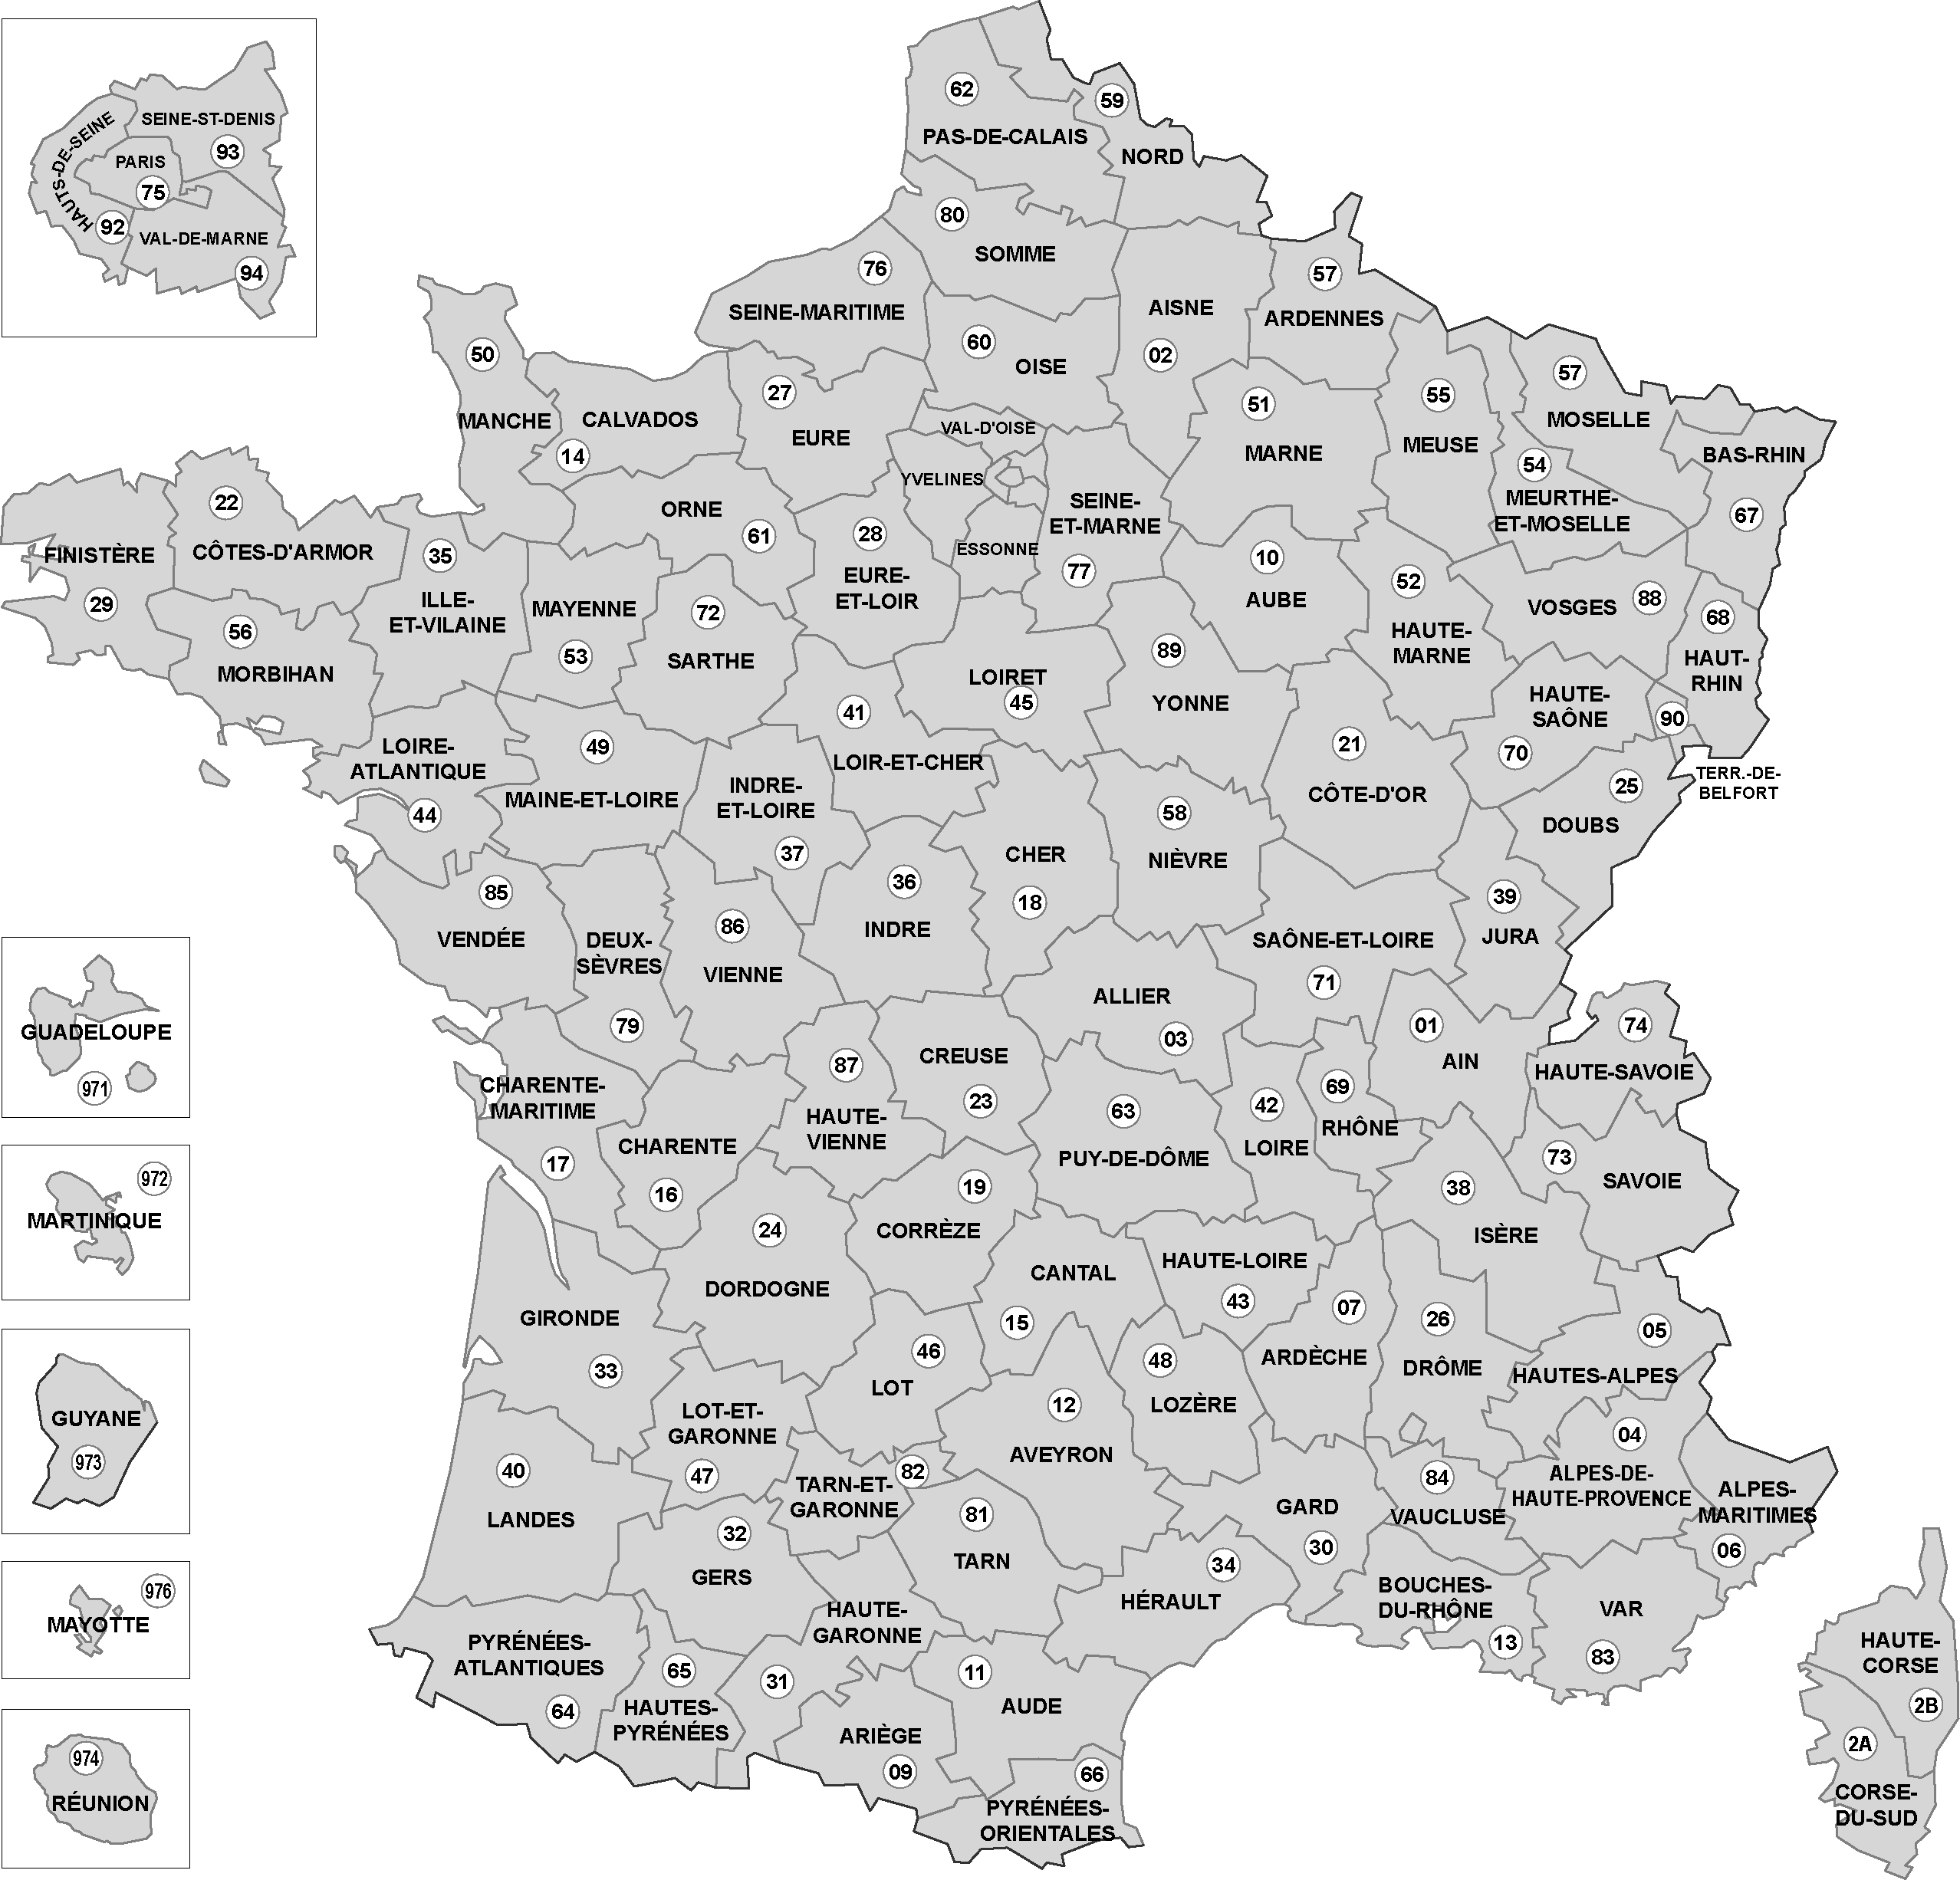 Cartes De France, Cartes Et Rmations Des Régions dedans Carte Departements Francais